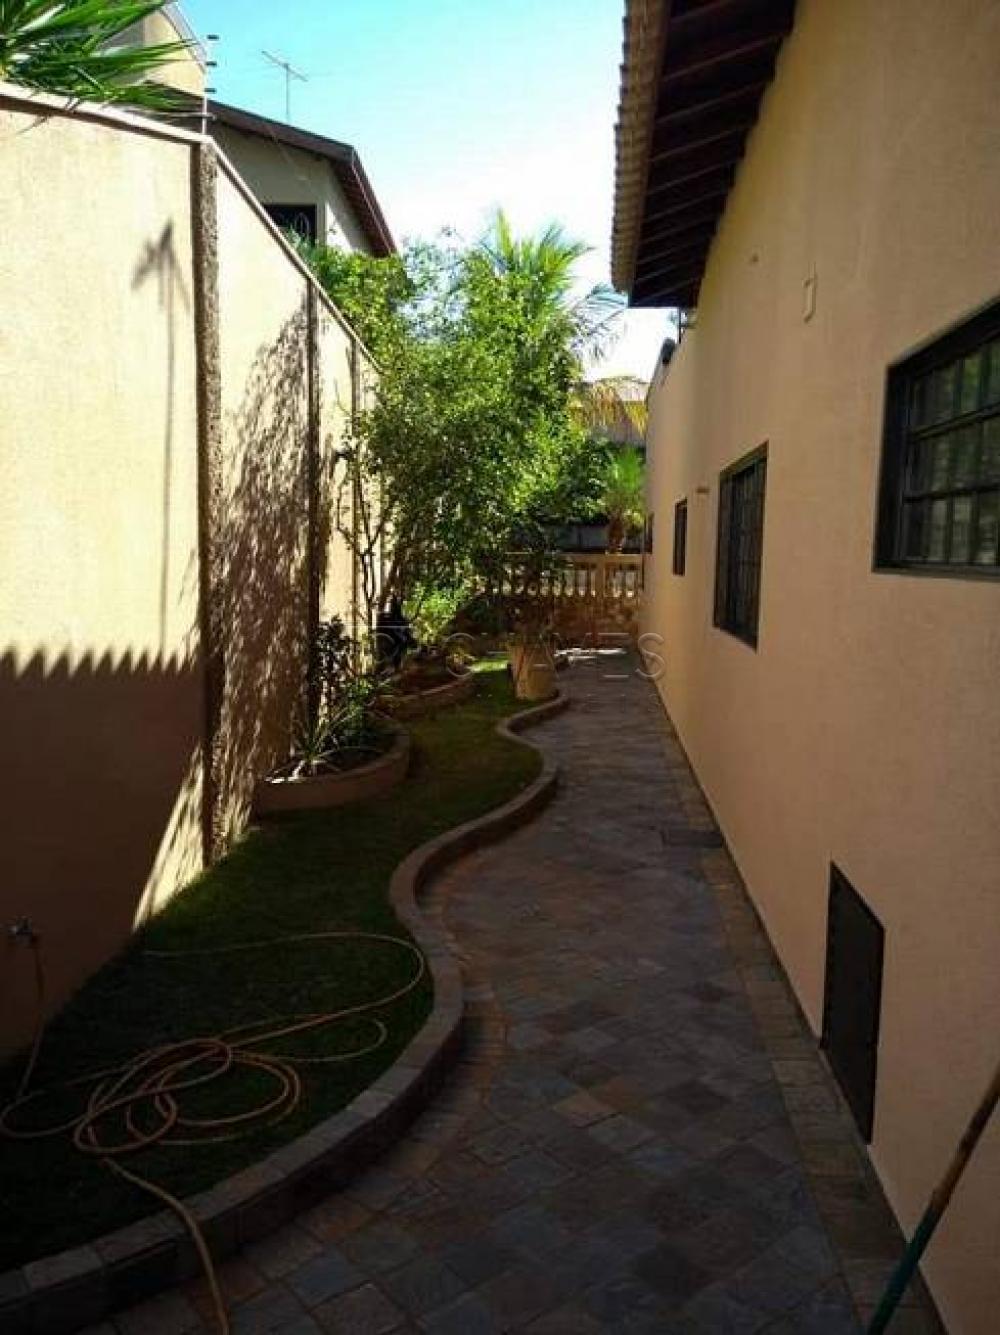 Comprar Casa / Condomínio em Bonfim Paulista R$ 1.280.000,00 - Foto 16